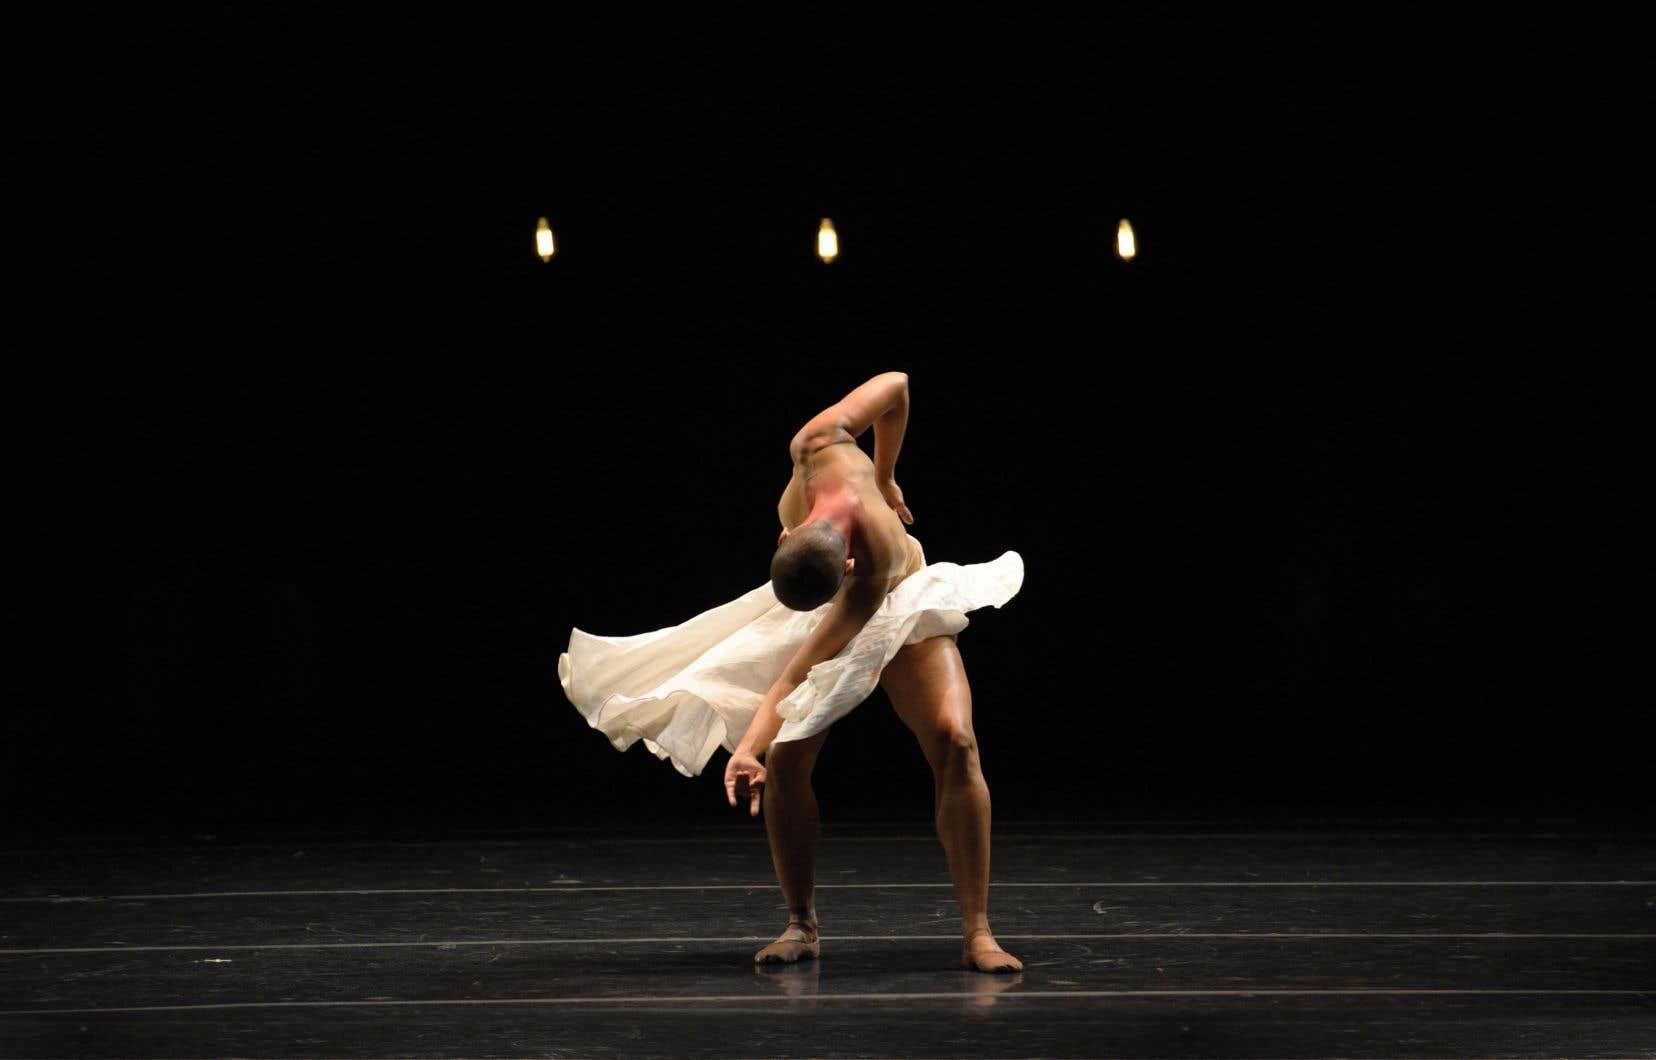 «Gira»s'inspire des danses spirituelles umbanda, culte afro-brésilien qui résulte d'un syncrétisme entre la religion catholique et des rites africains et indigènes d'Amazonie.